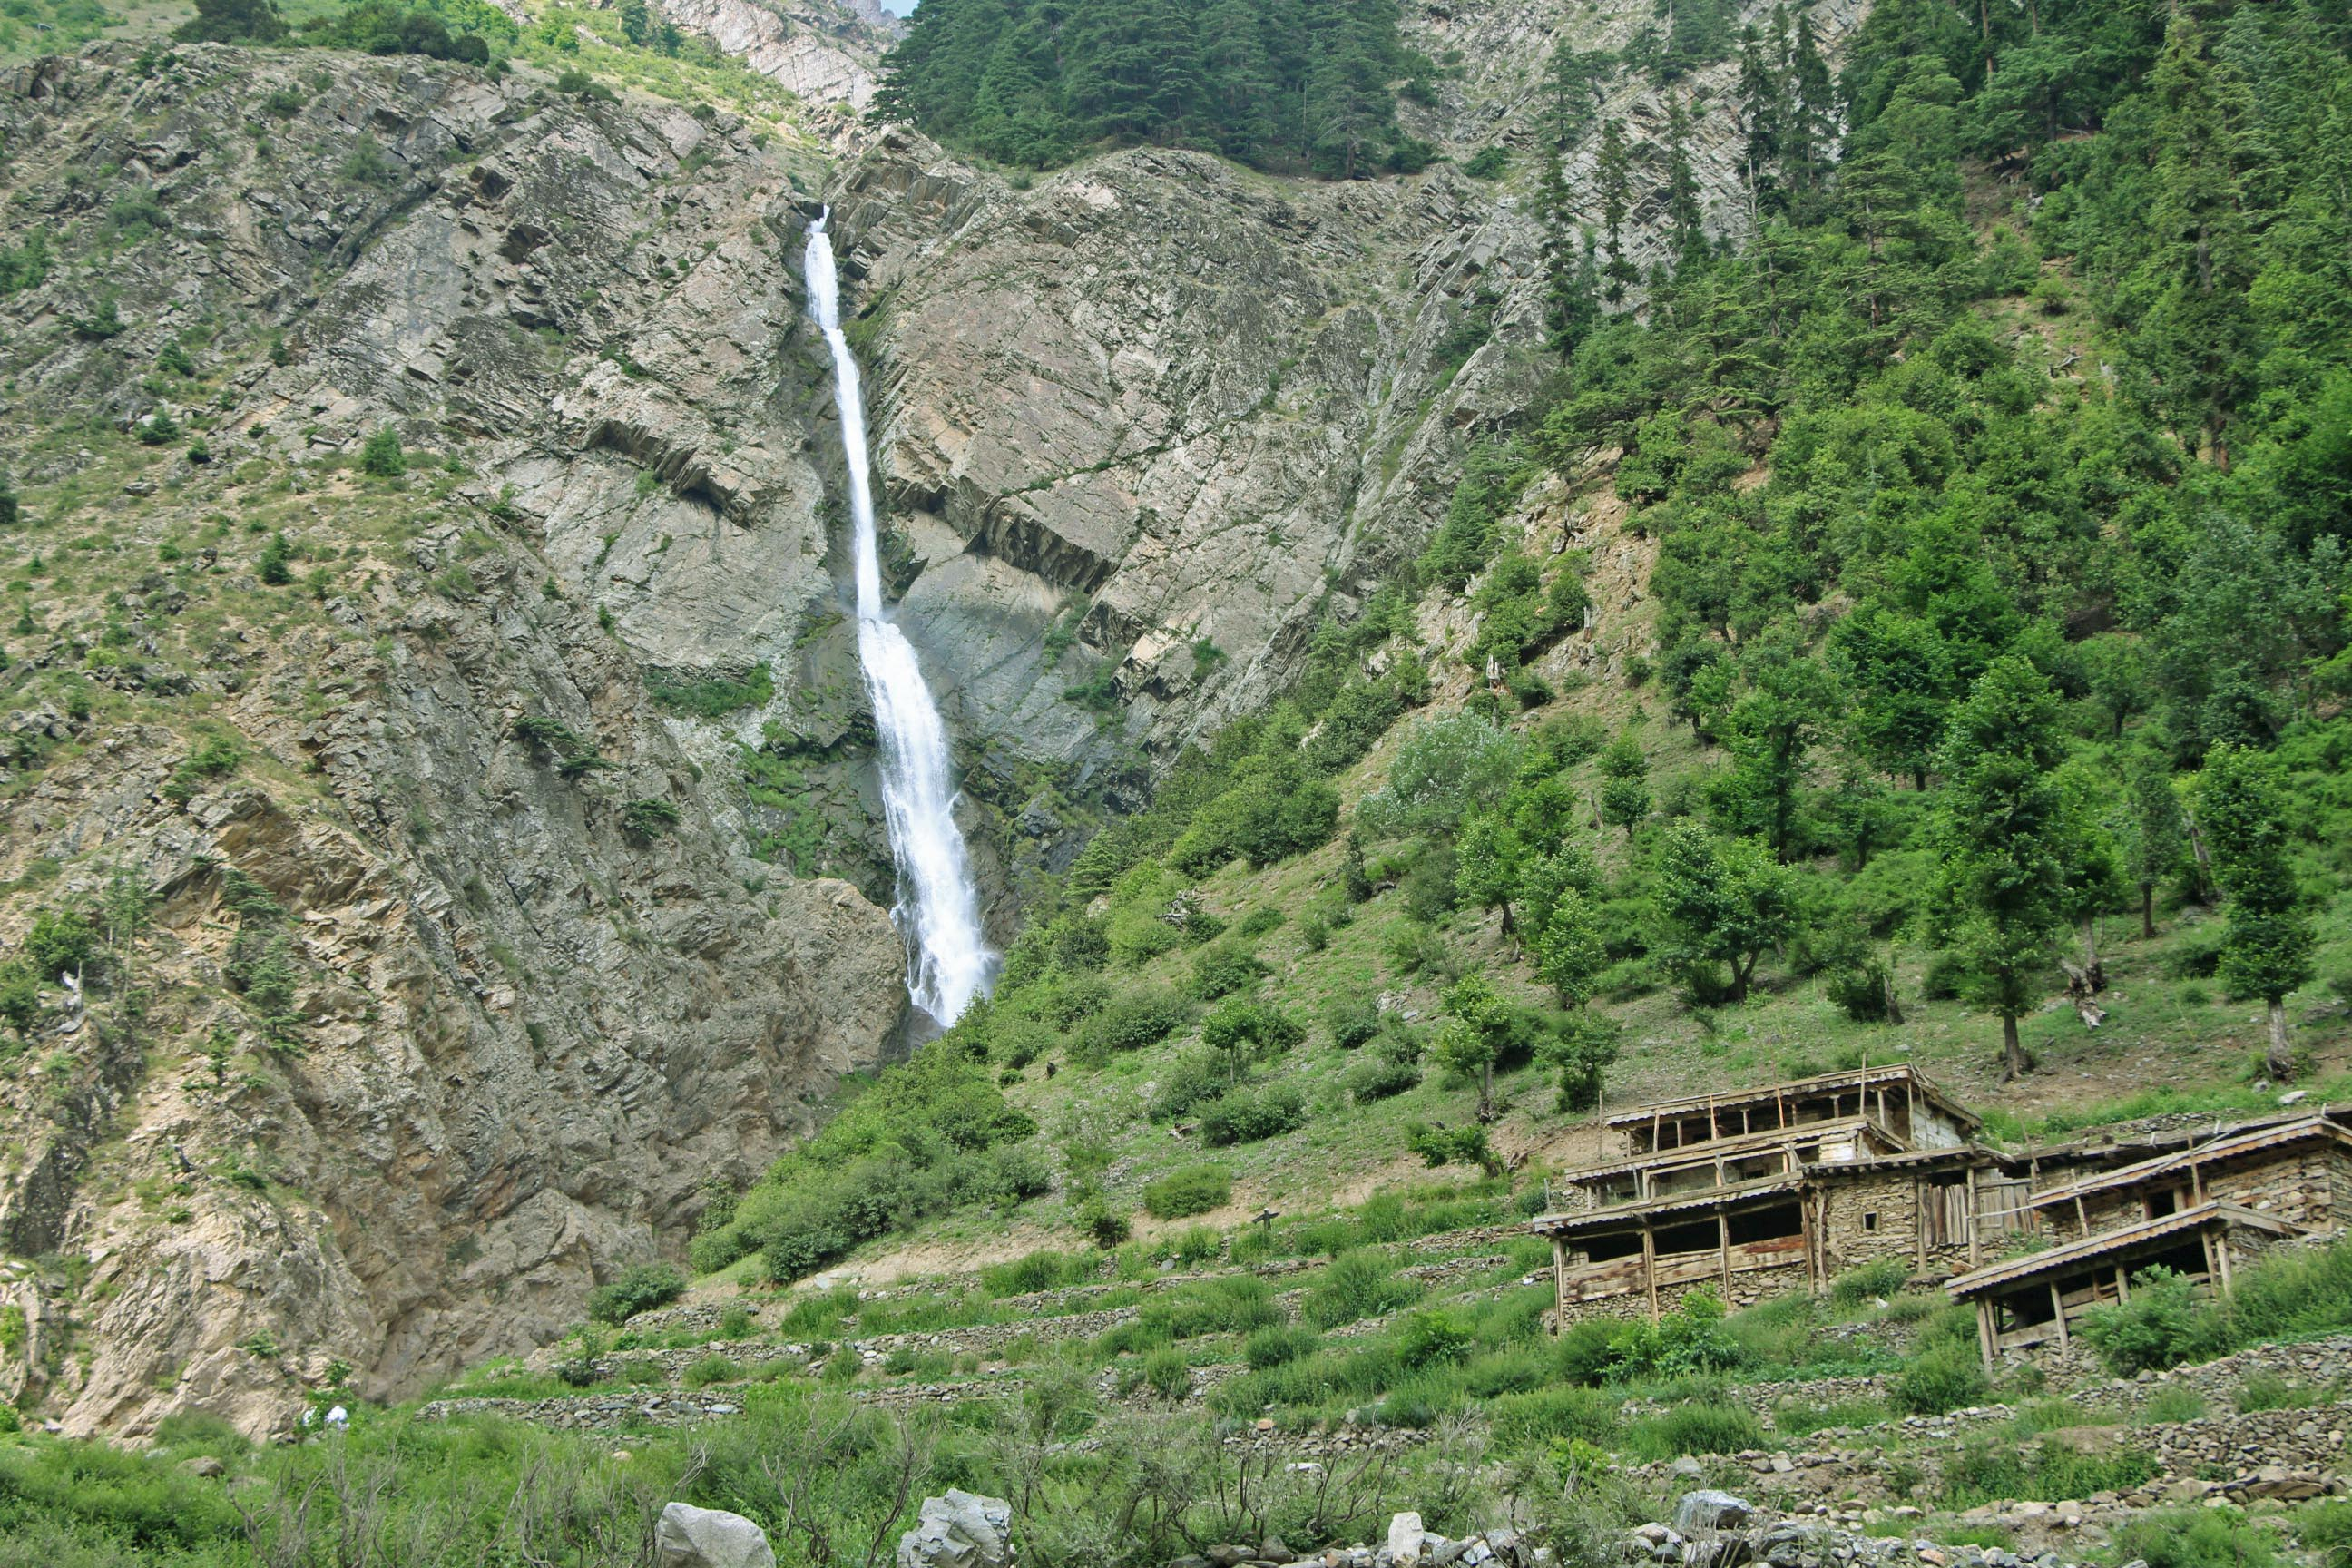 مہوڈنڈ جھیل کے راستے میں مٹلتان کے مقام پر آنے والی پاکستان کی بلند ترین آبشاروں میں سے ایک کی تصویر (تصویر: امجد علی سحابؔ)